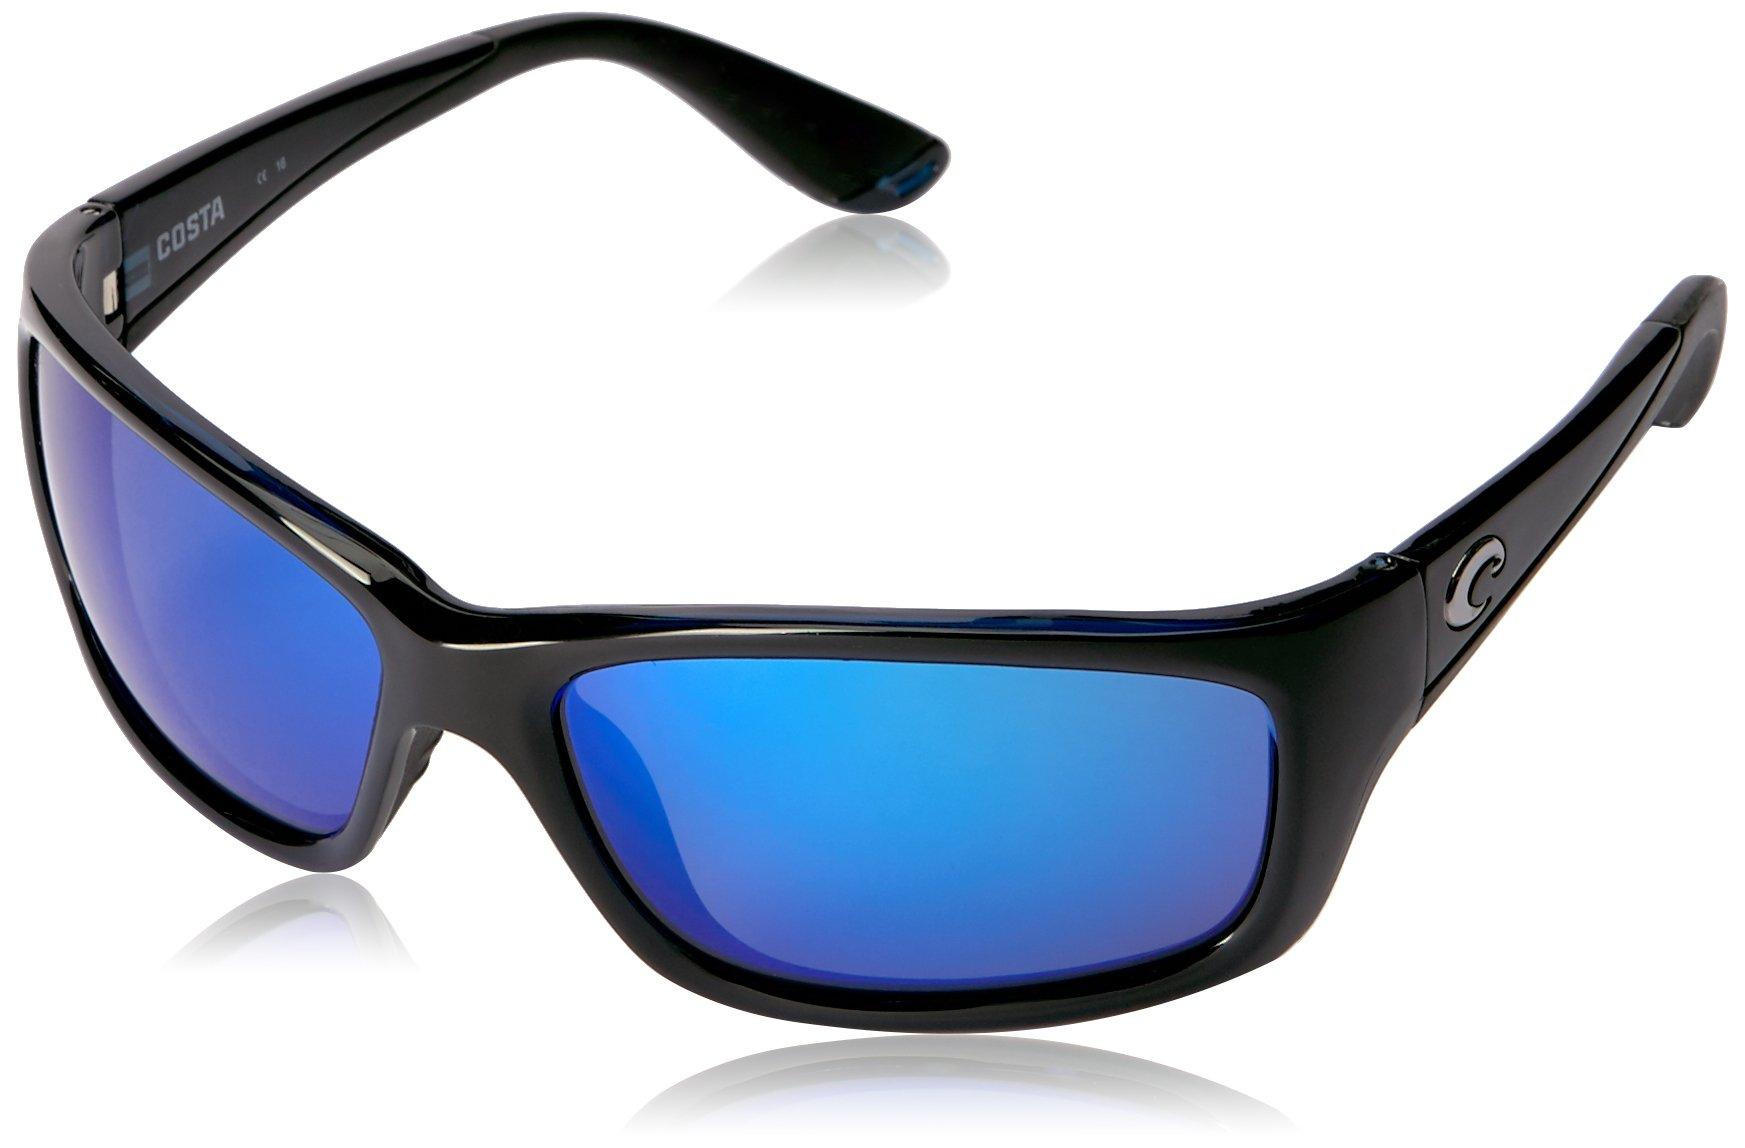 Costa Del Mar JO11OBMGLP Jose Shiny Black Blue Mirror 580Glass Polarized Lens Sunglasses by COSTA DEL MAR